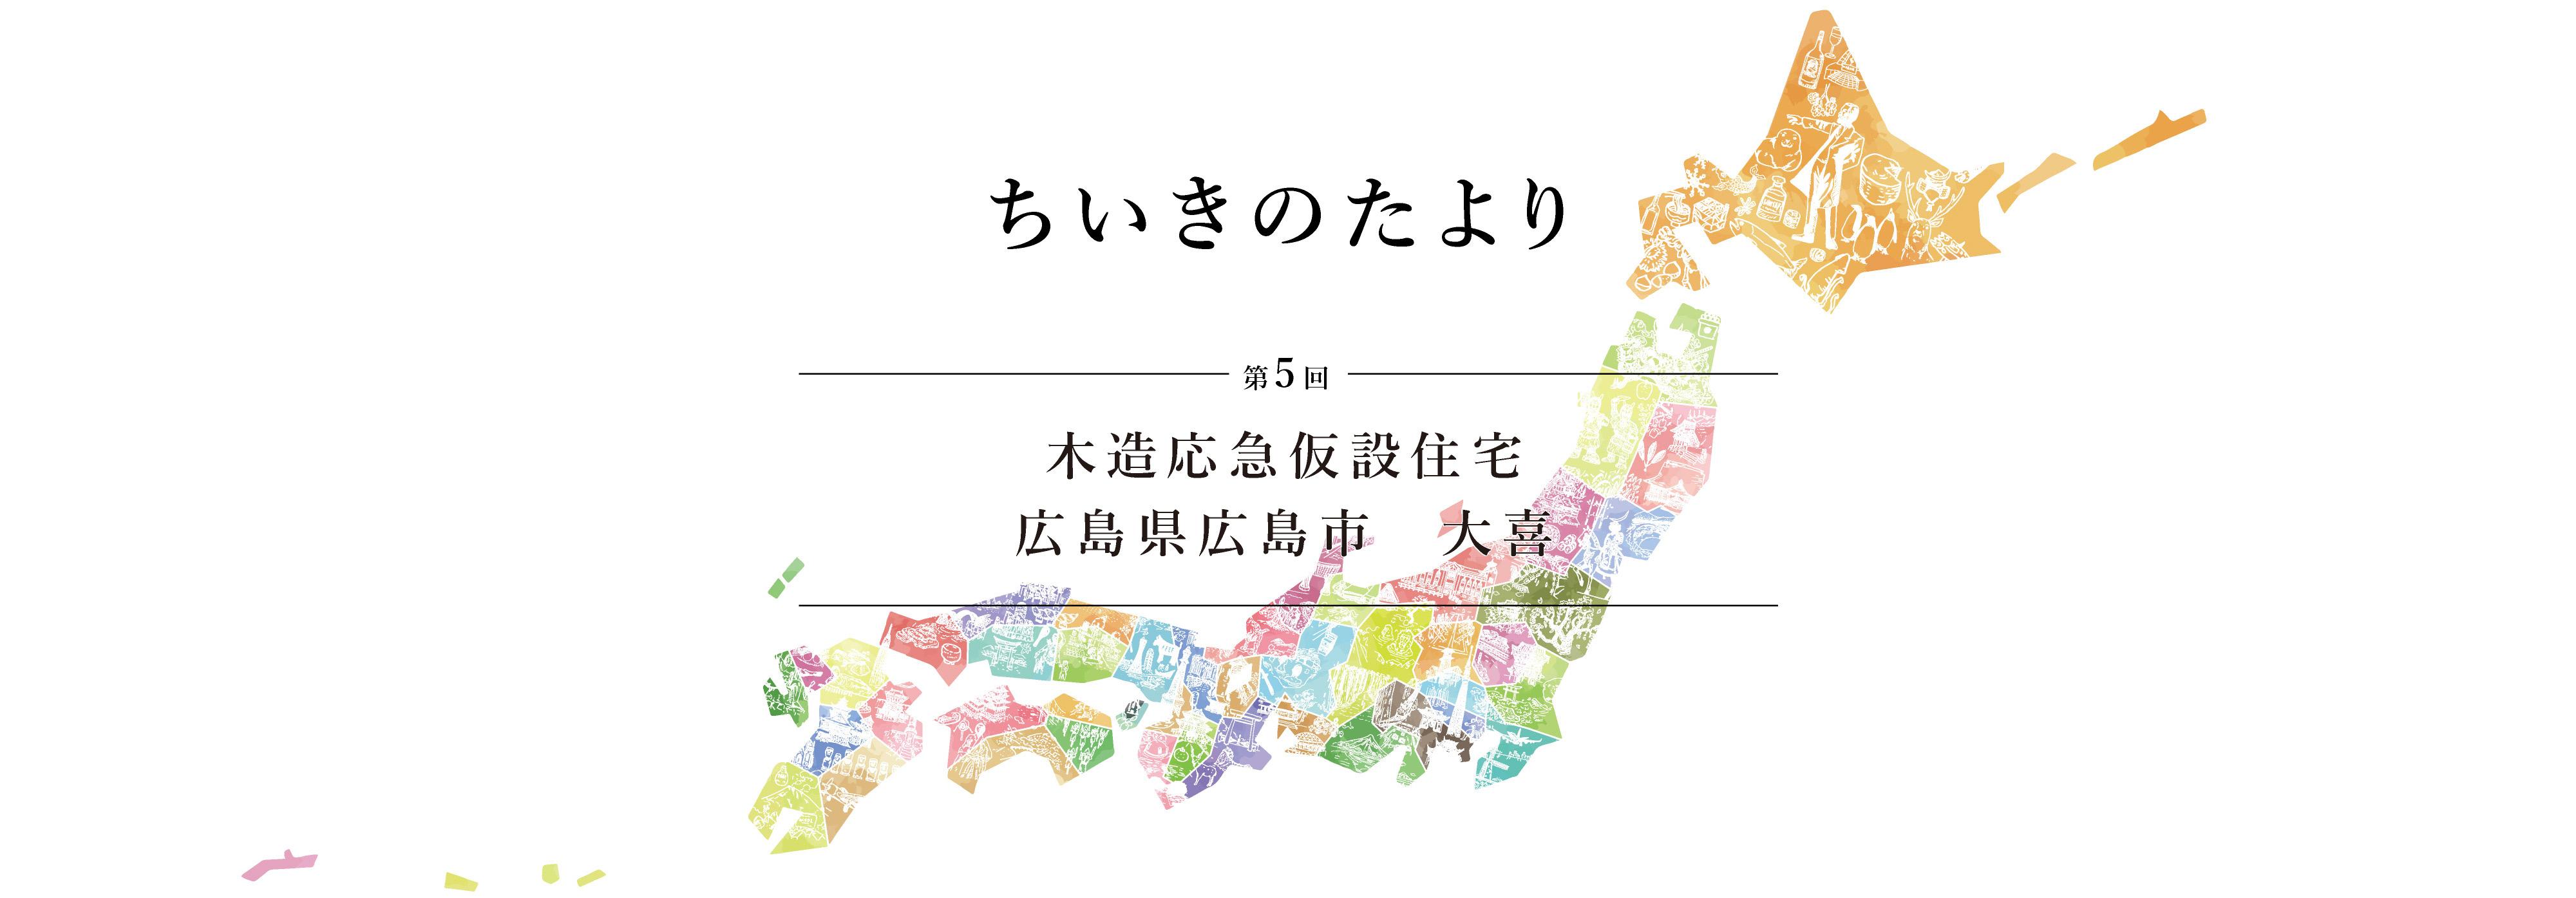 木造応急仮設住宅広島県広島市 大喜